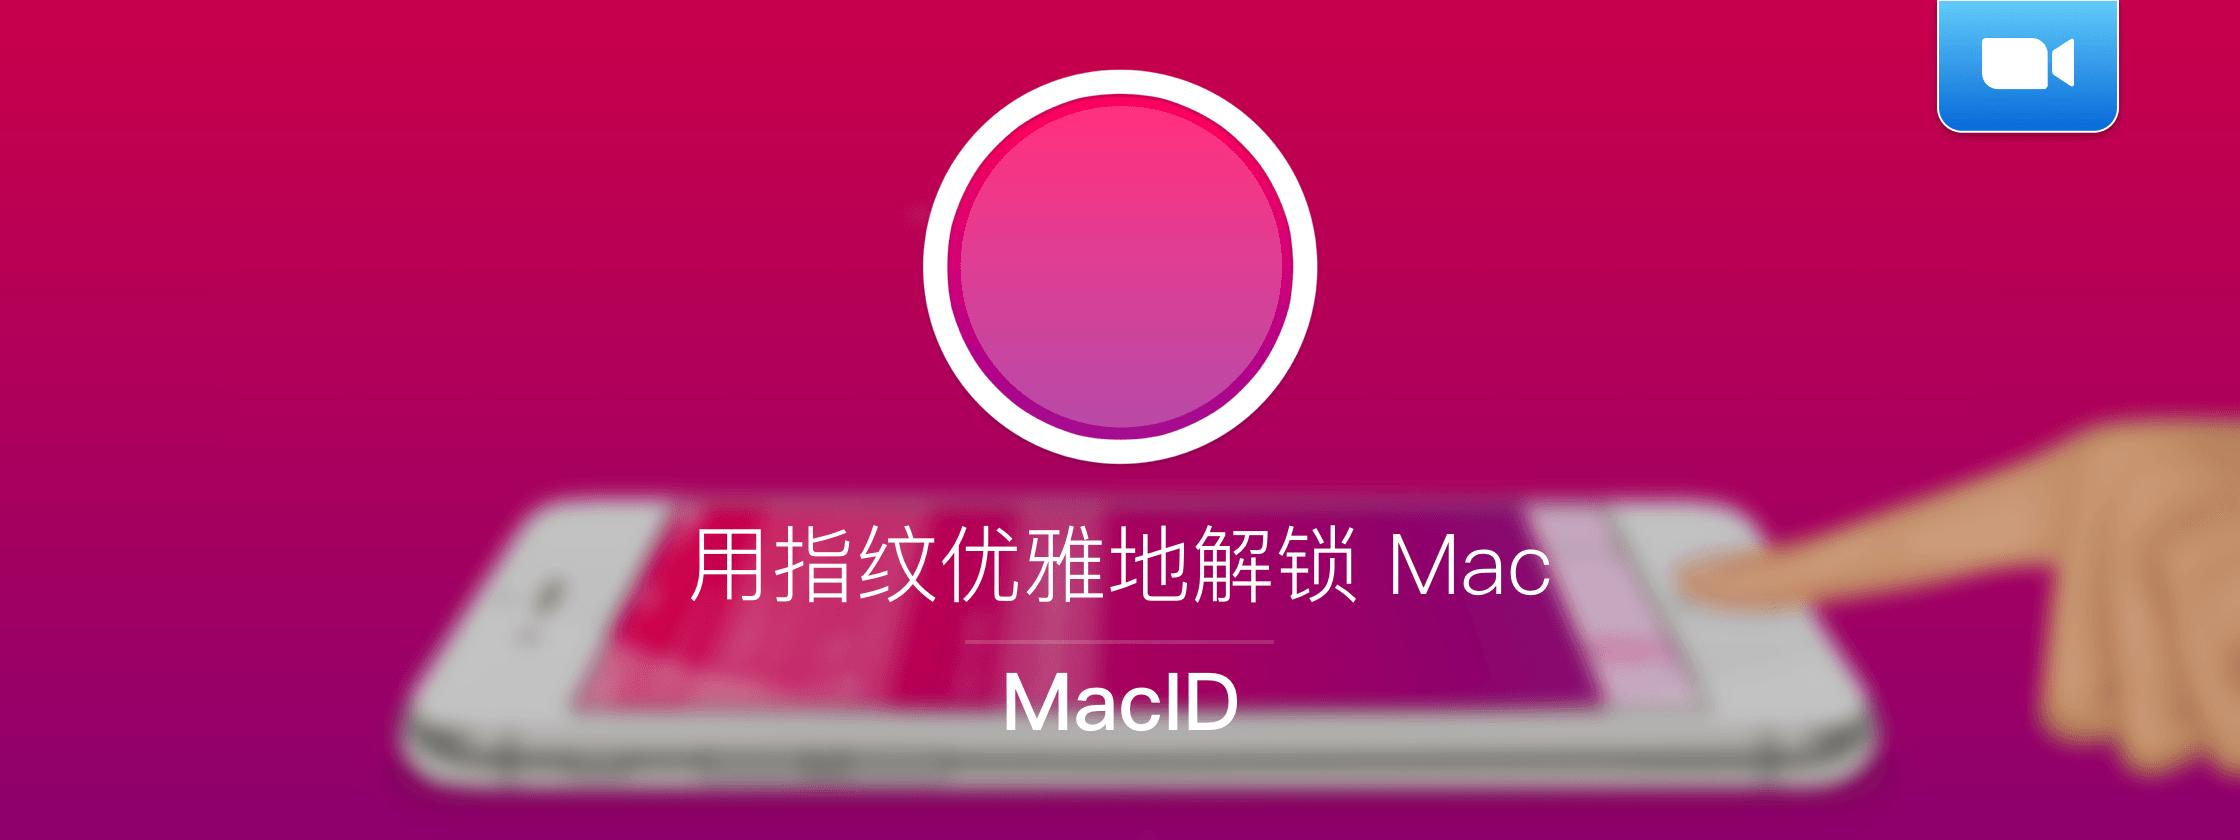 【视频】MacID,用指纹优雅地解锁 Mac